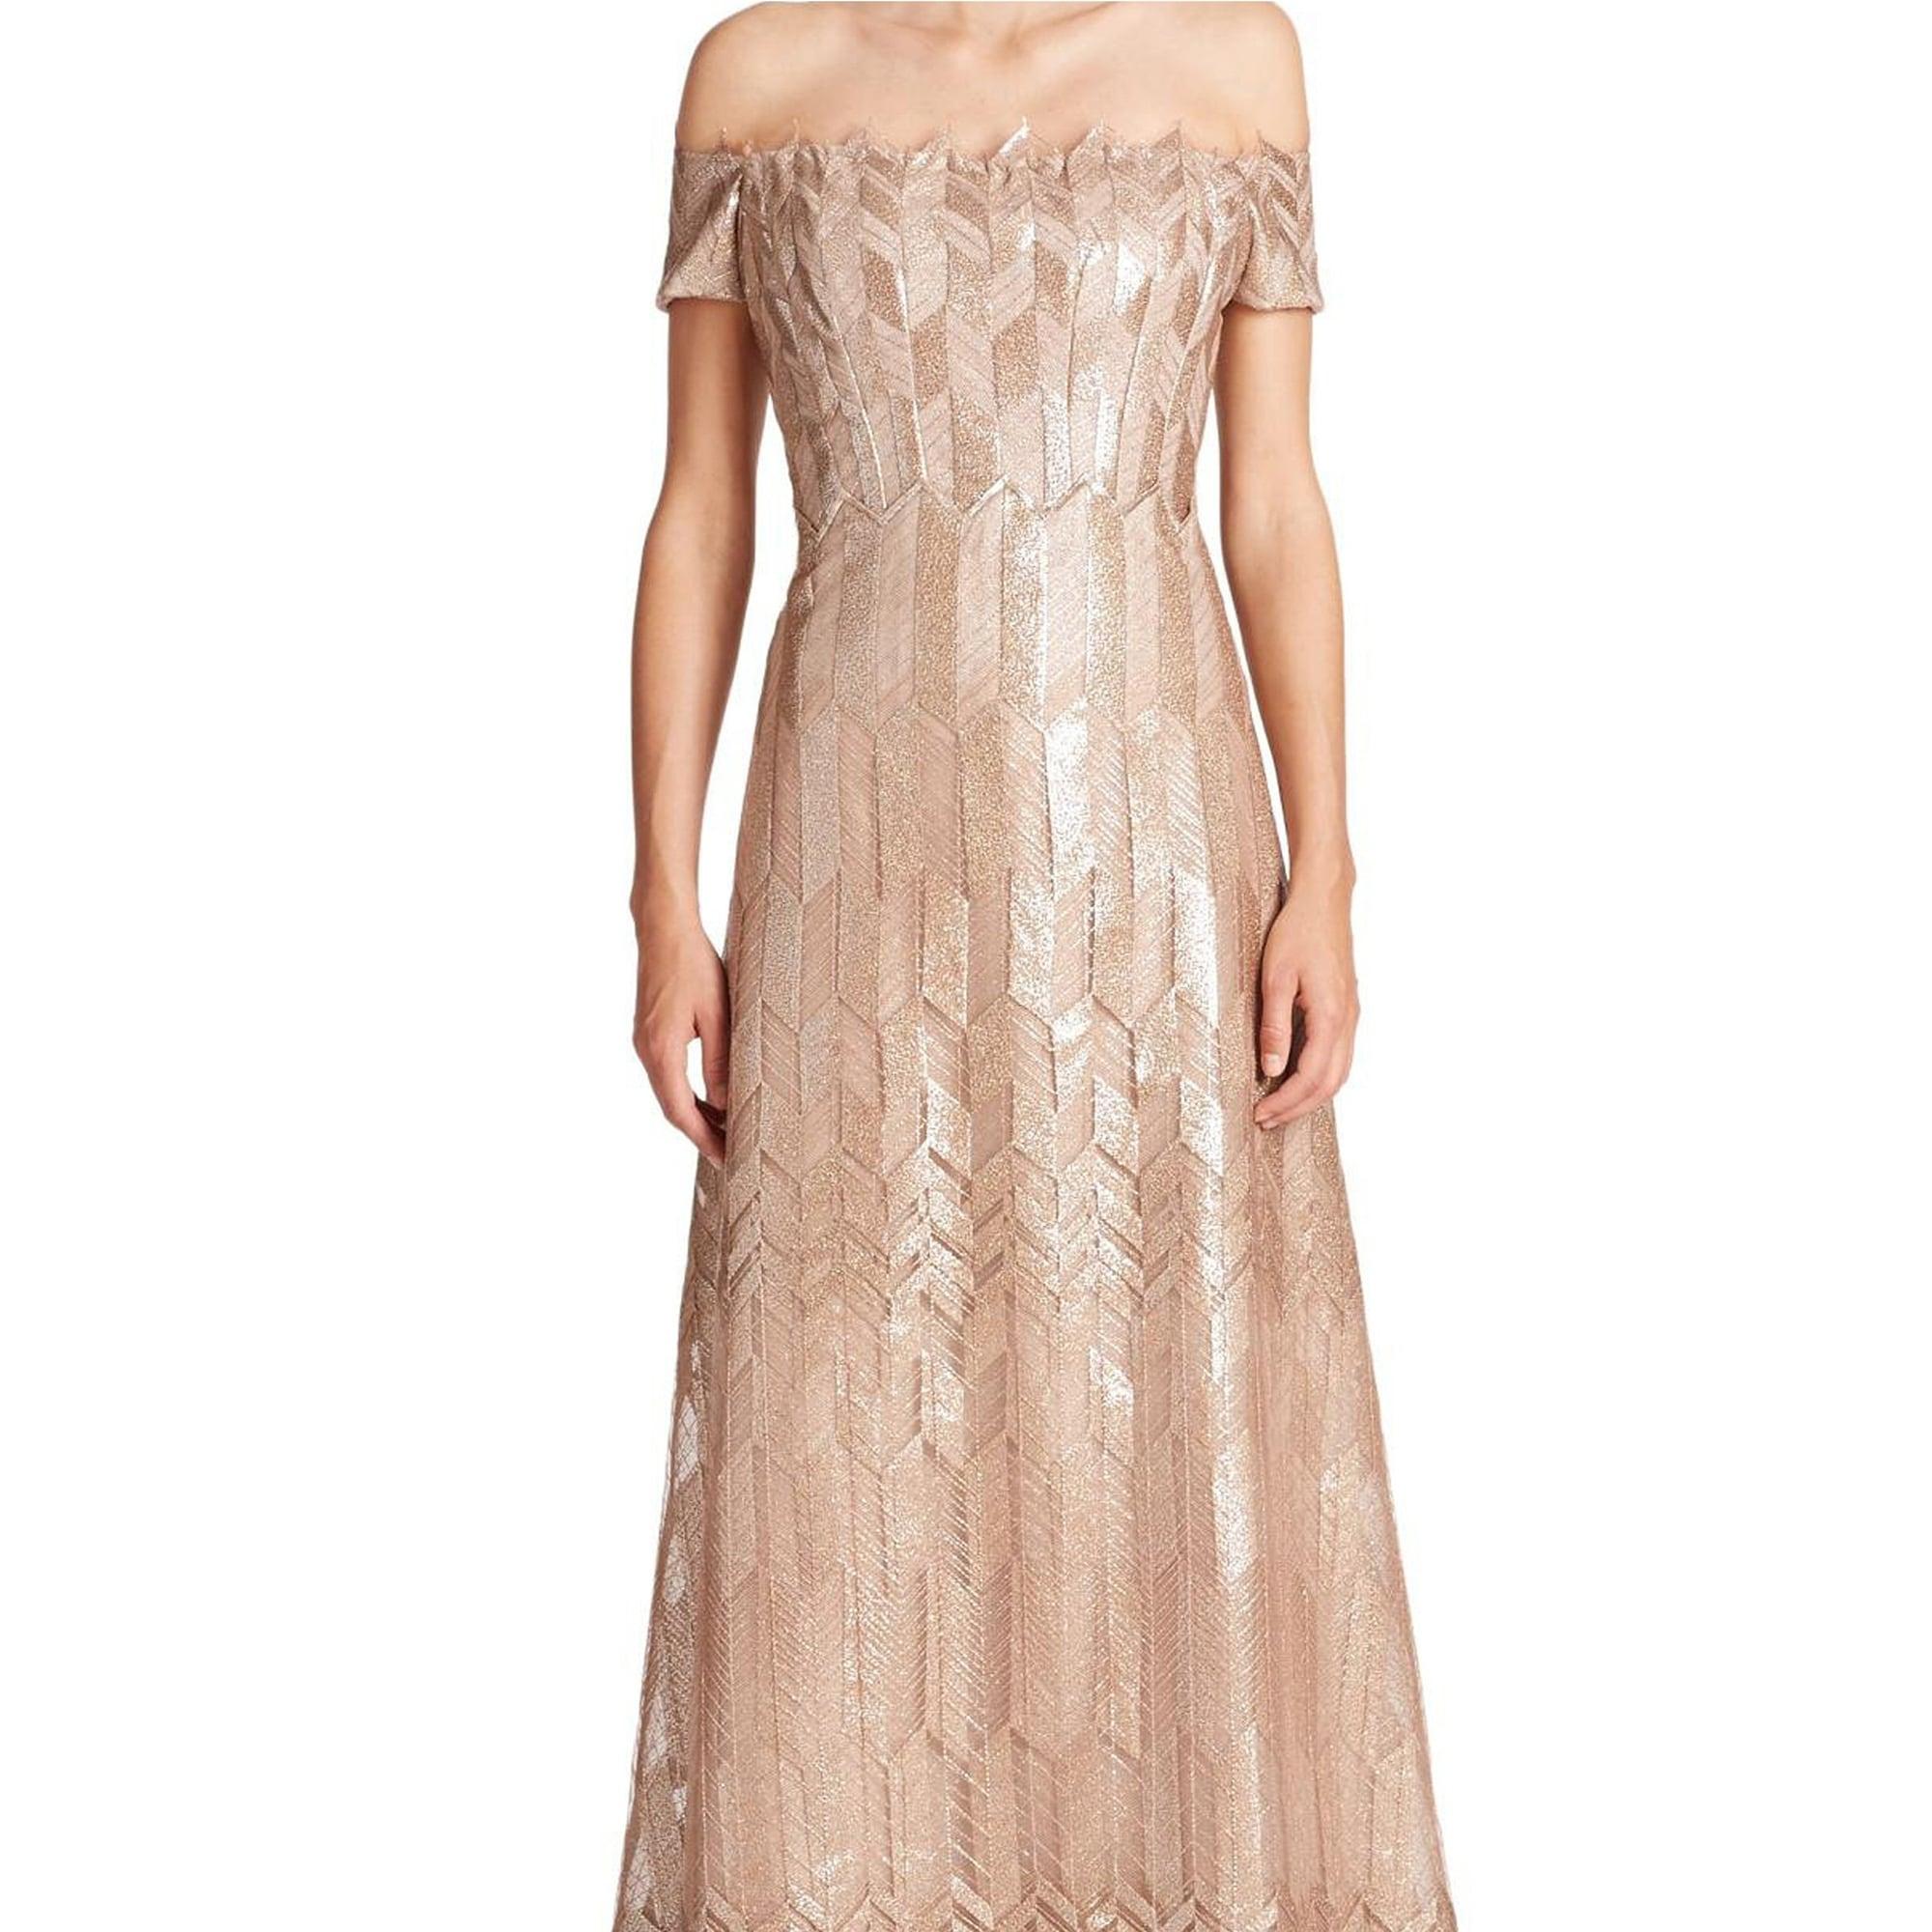 Rene Ruiz Art Deco Cap Sleeved Long Ball Evening Gown Dress - Free ...